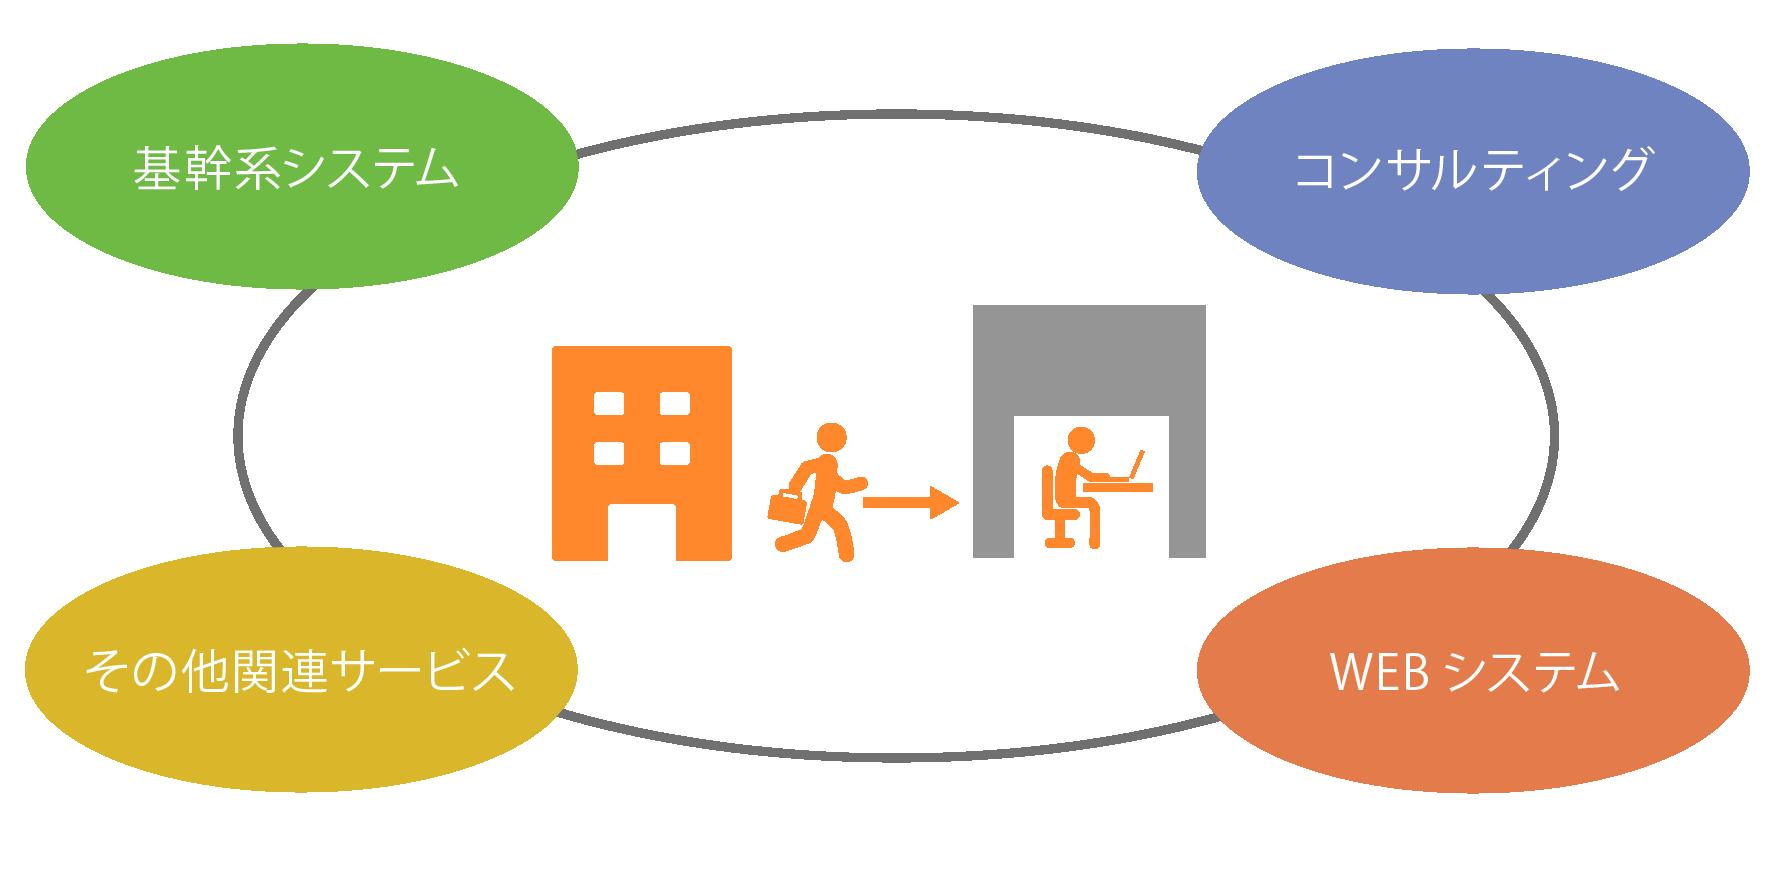 基幹 系 システム